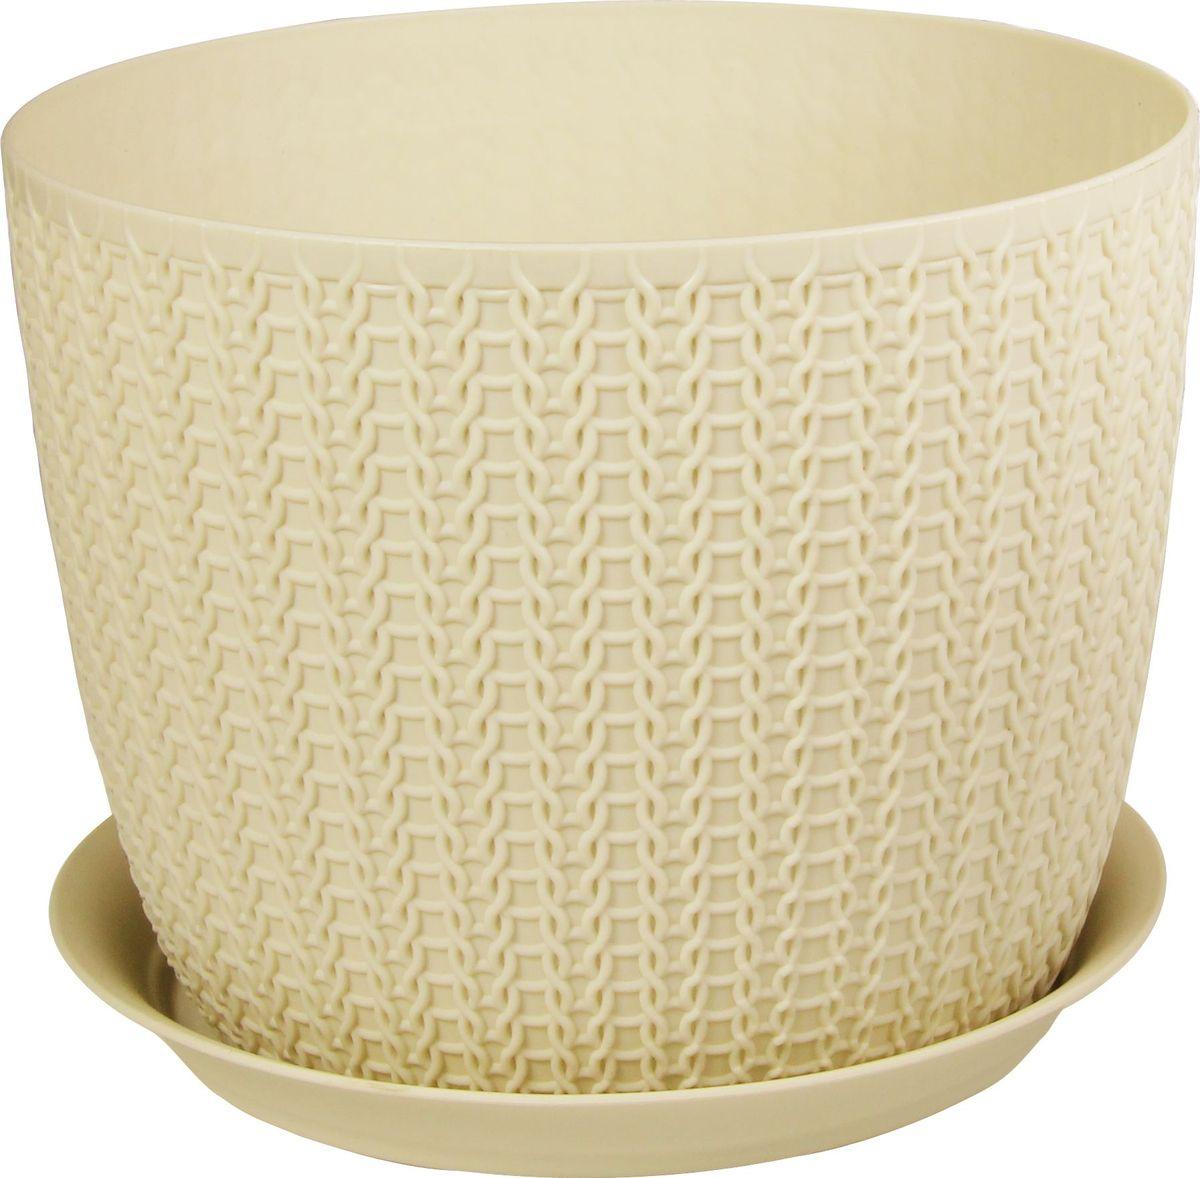 Кашпо Idea Вязание, с поддоном, цвет: белый ротанг4,5 л, диаметр 21 см. М 3122М 3122_белый ротанг